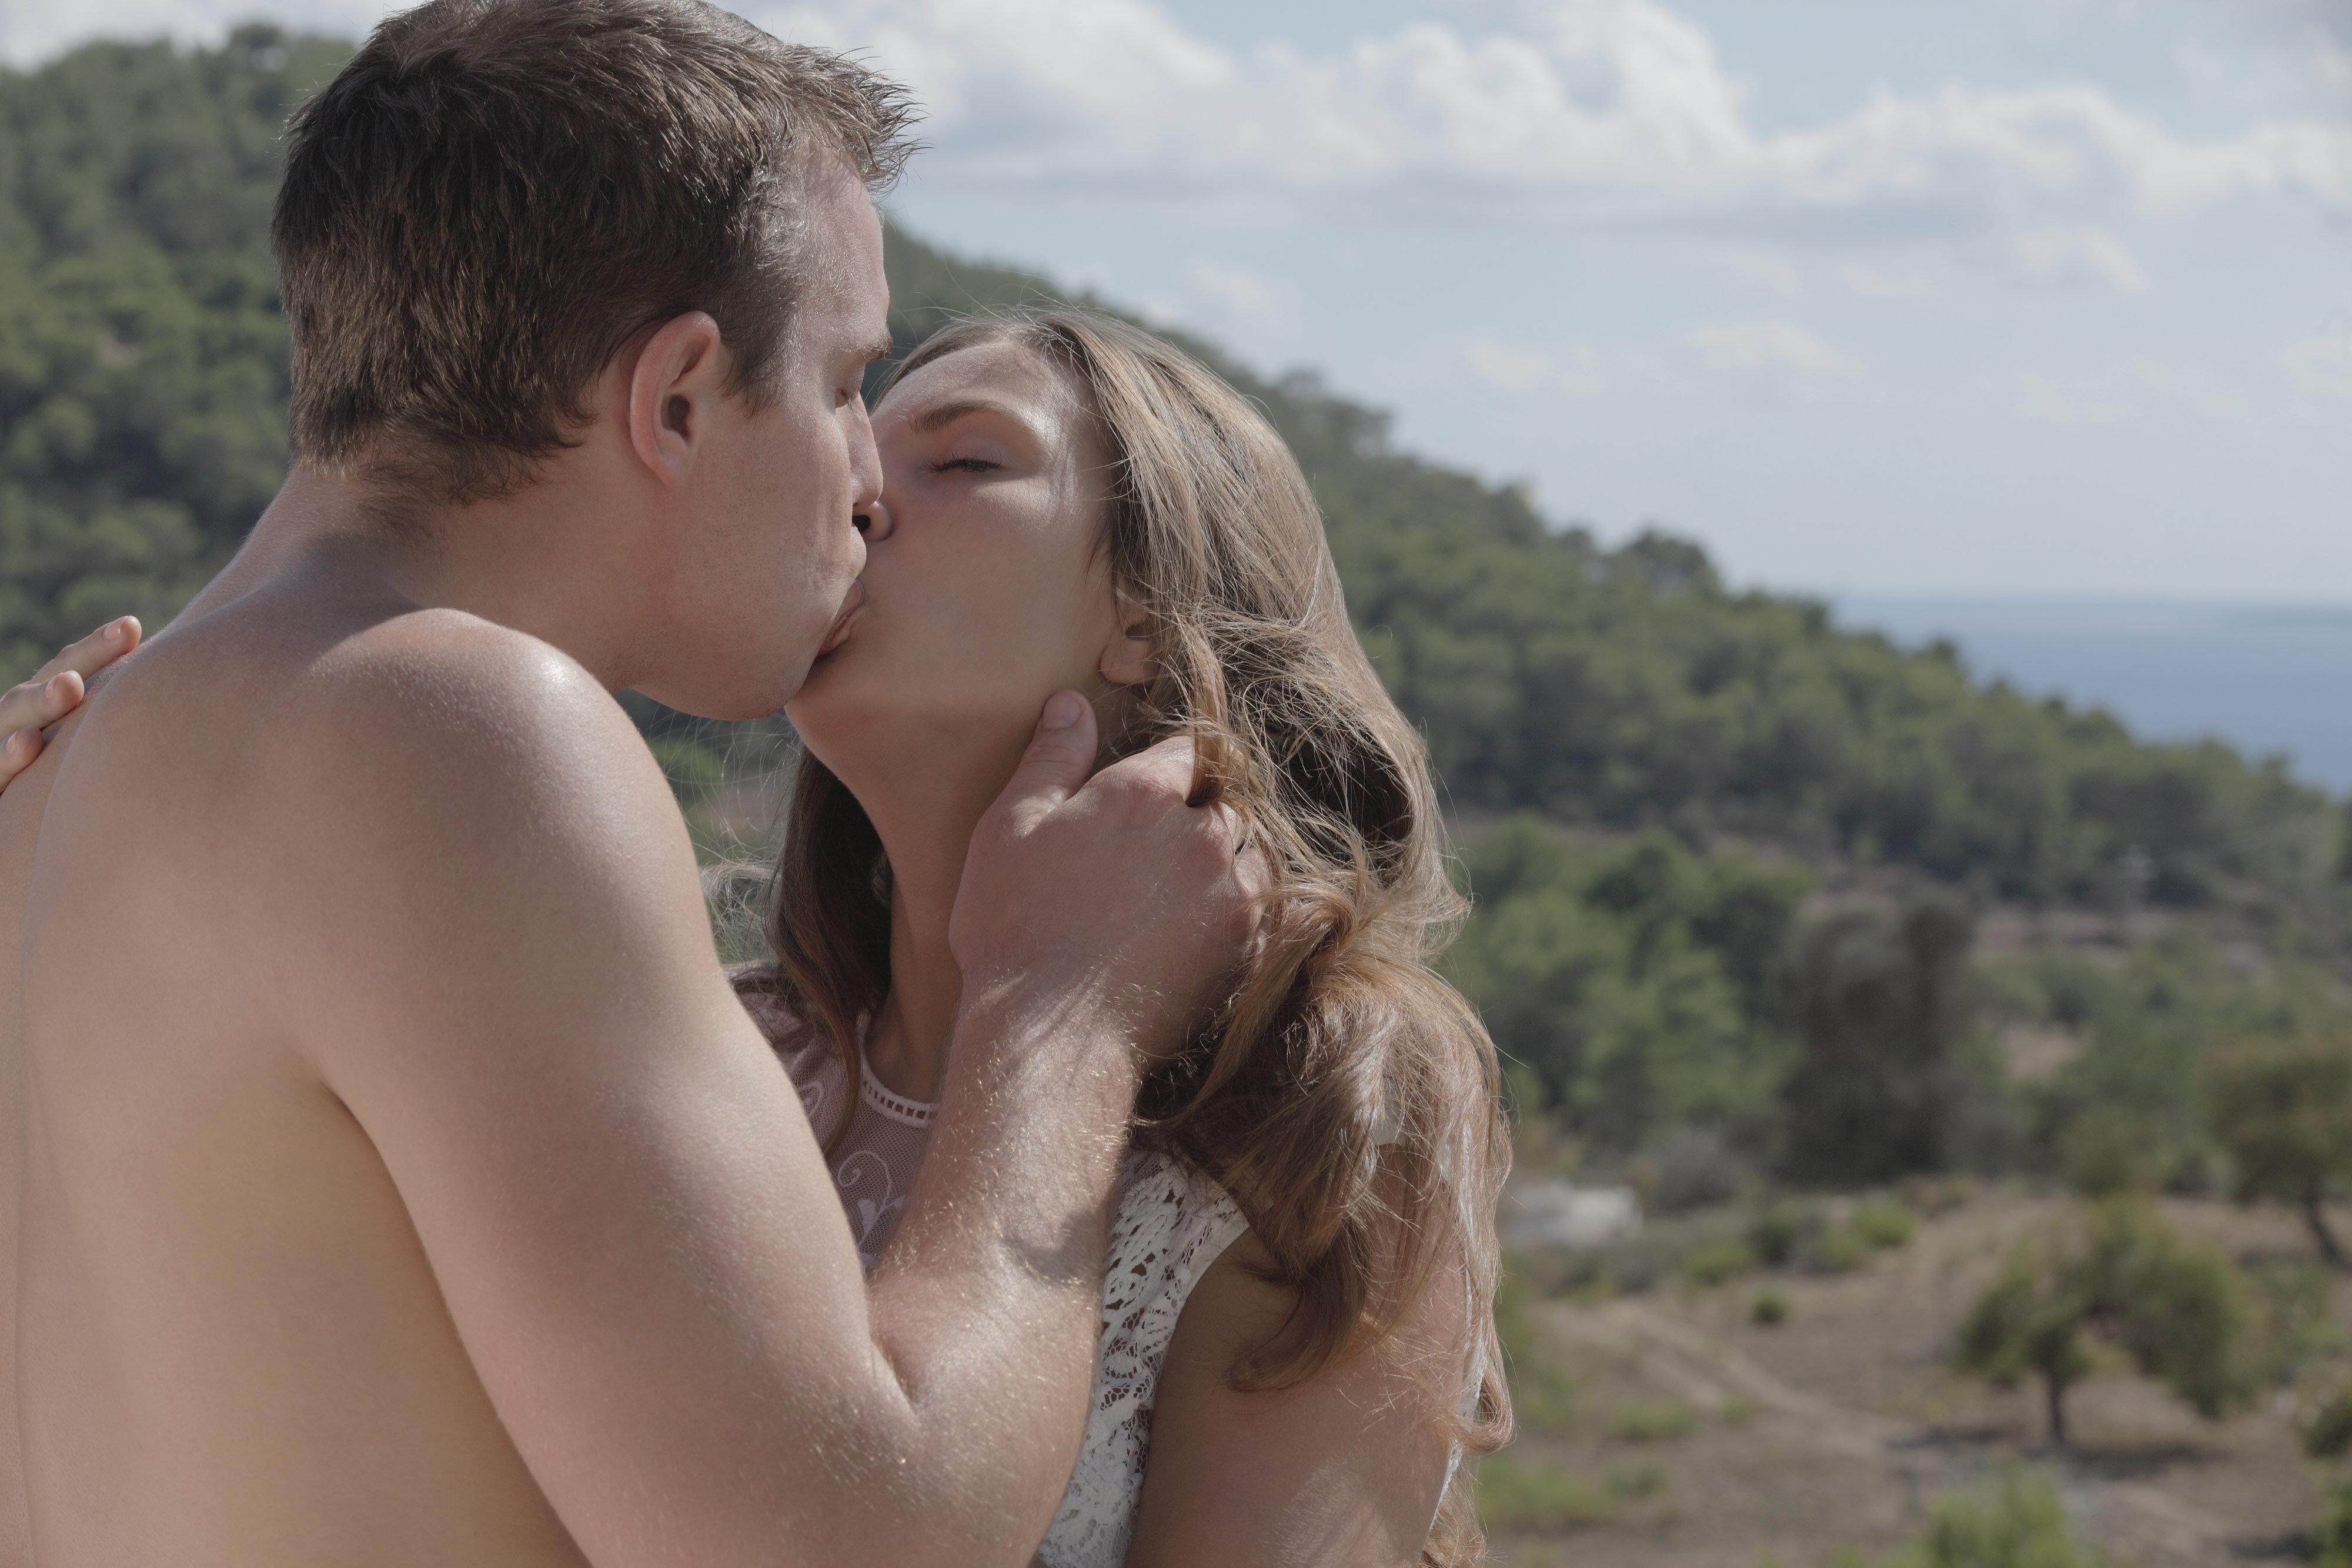 Русский прилюдный секс смотреть онлайн 23 фотография